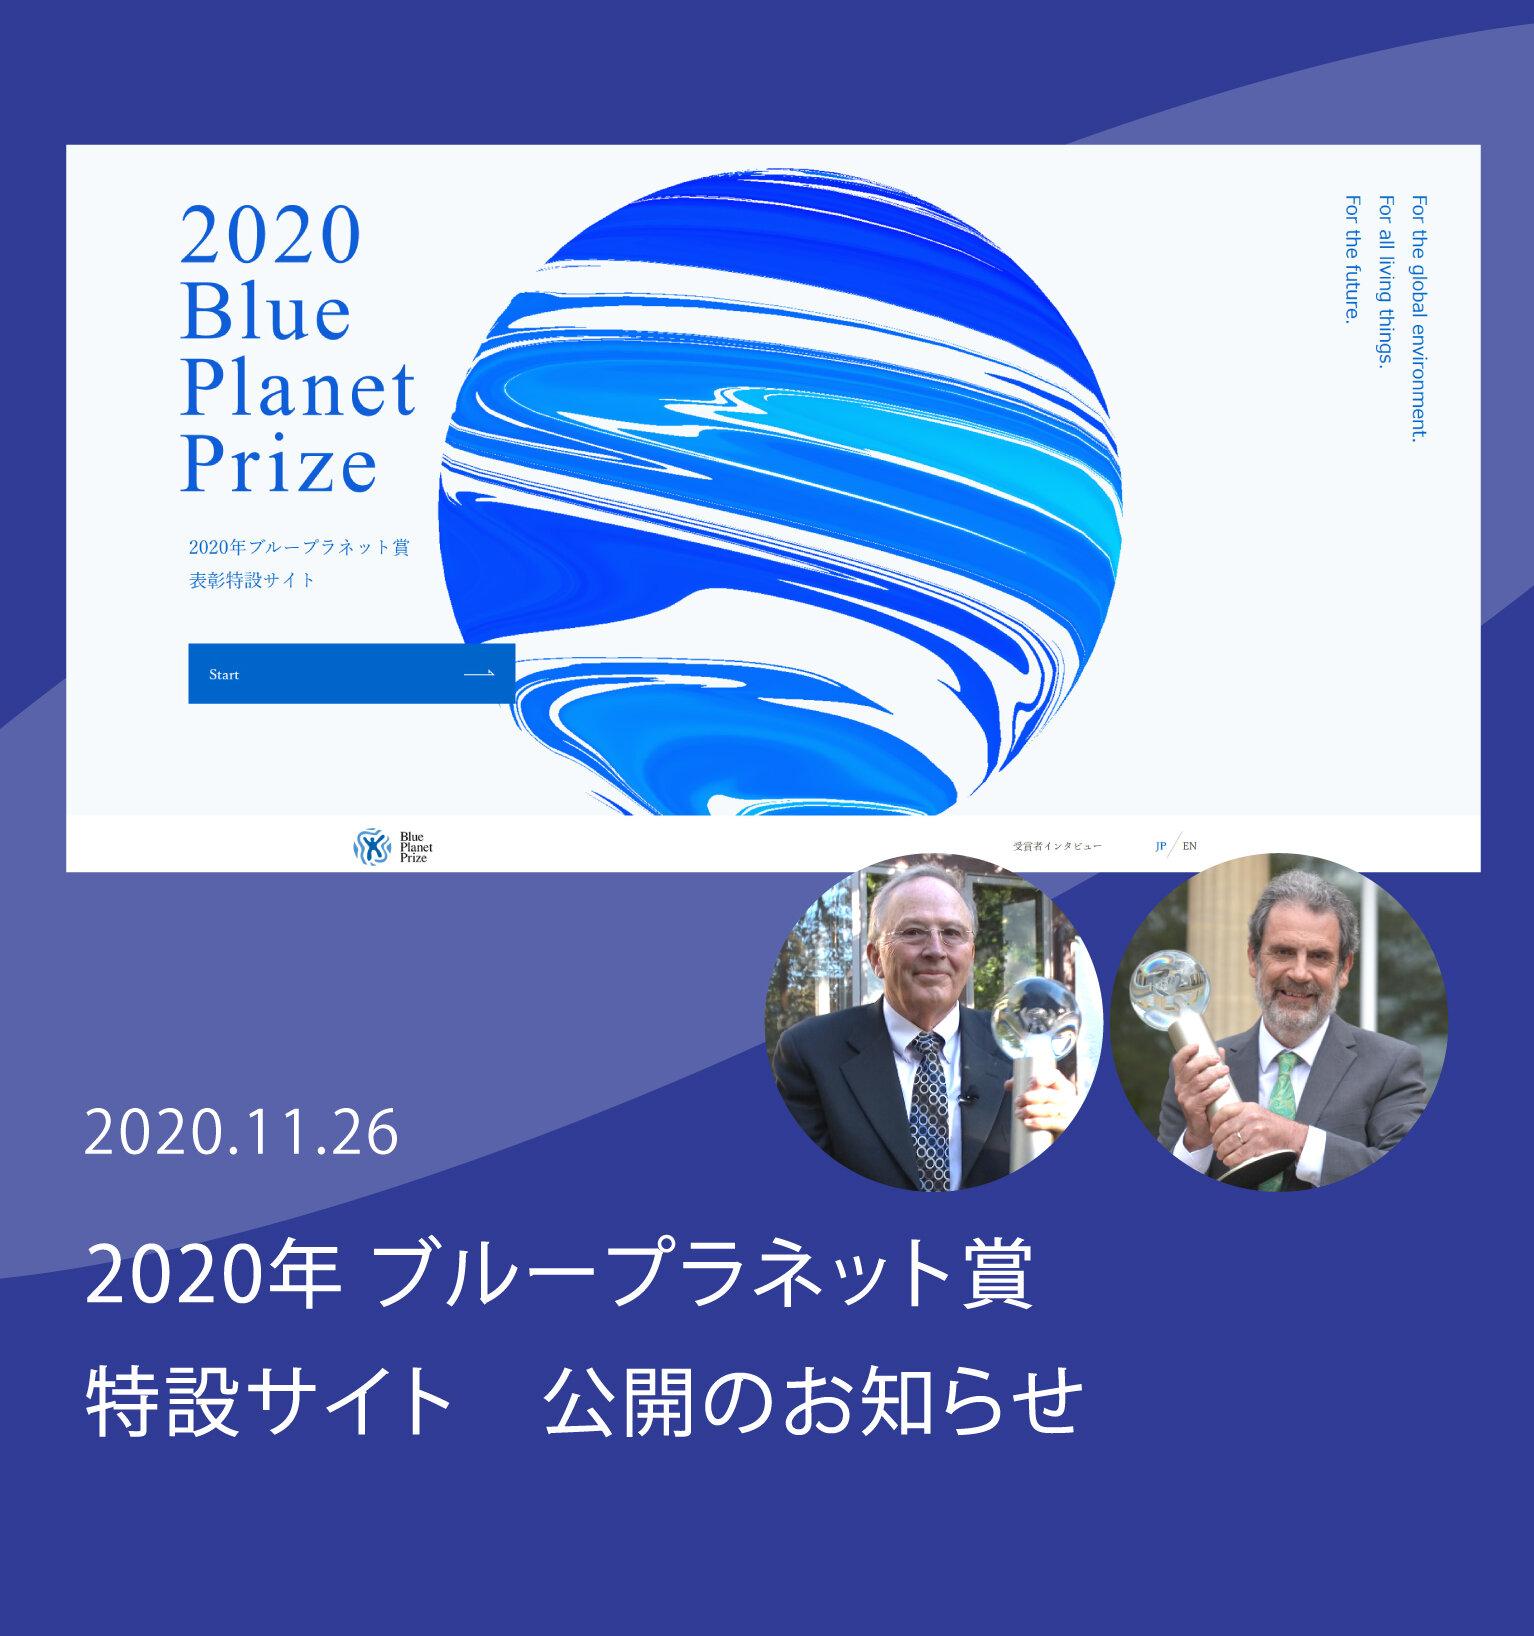 2020年ブループラネット賞 特設サイト 公開のお知らせ